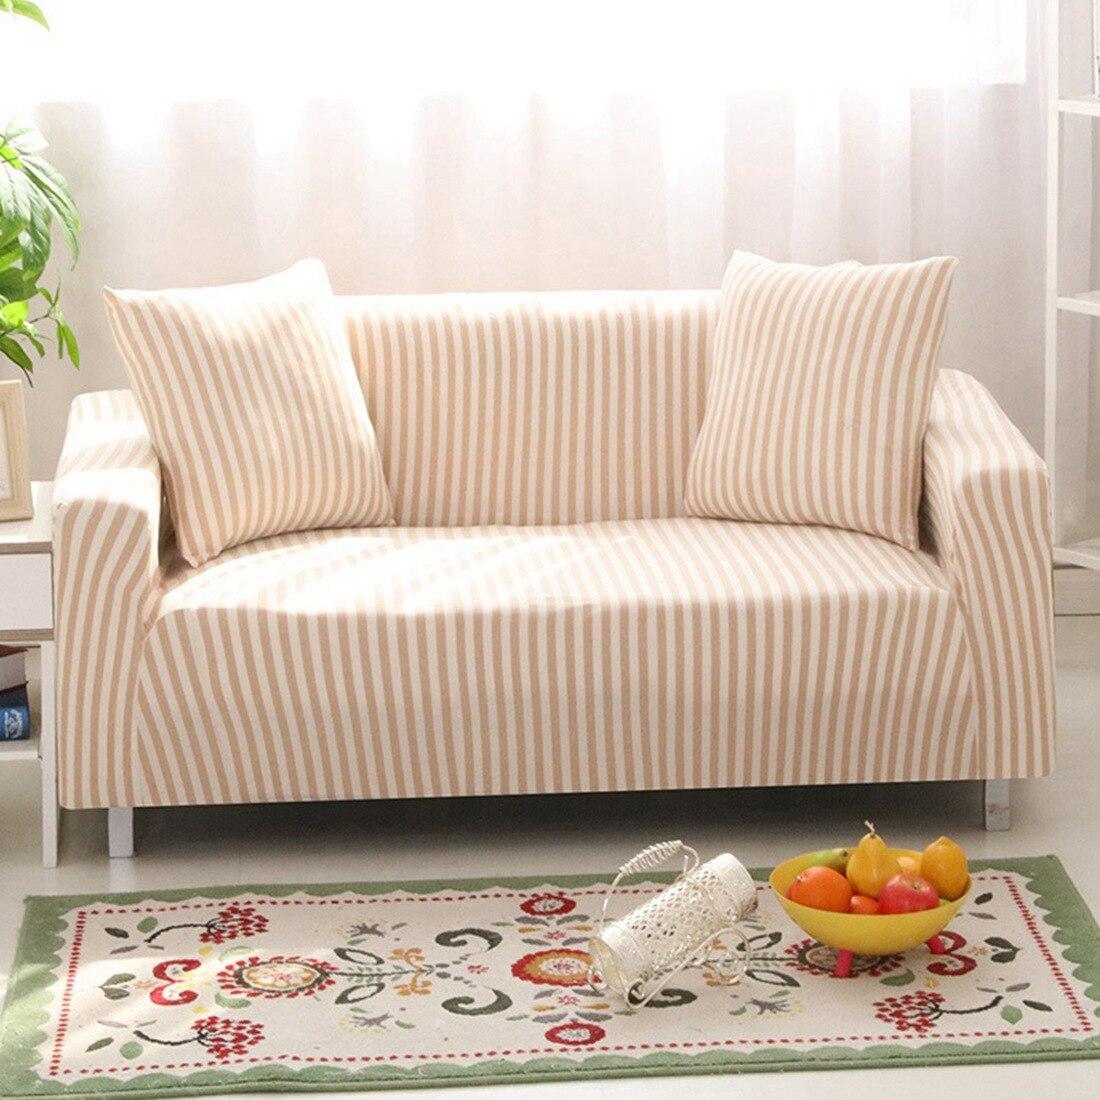 achetez en gros ray canap housse en ligne des grossistes ray canap housse chinois. Black Bedroom Furniture Sets. Home Design Ideas